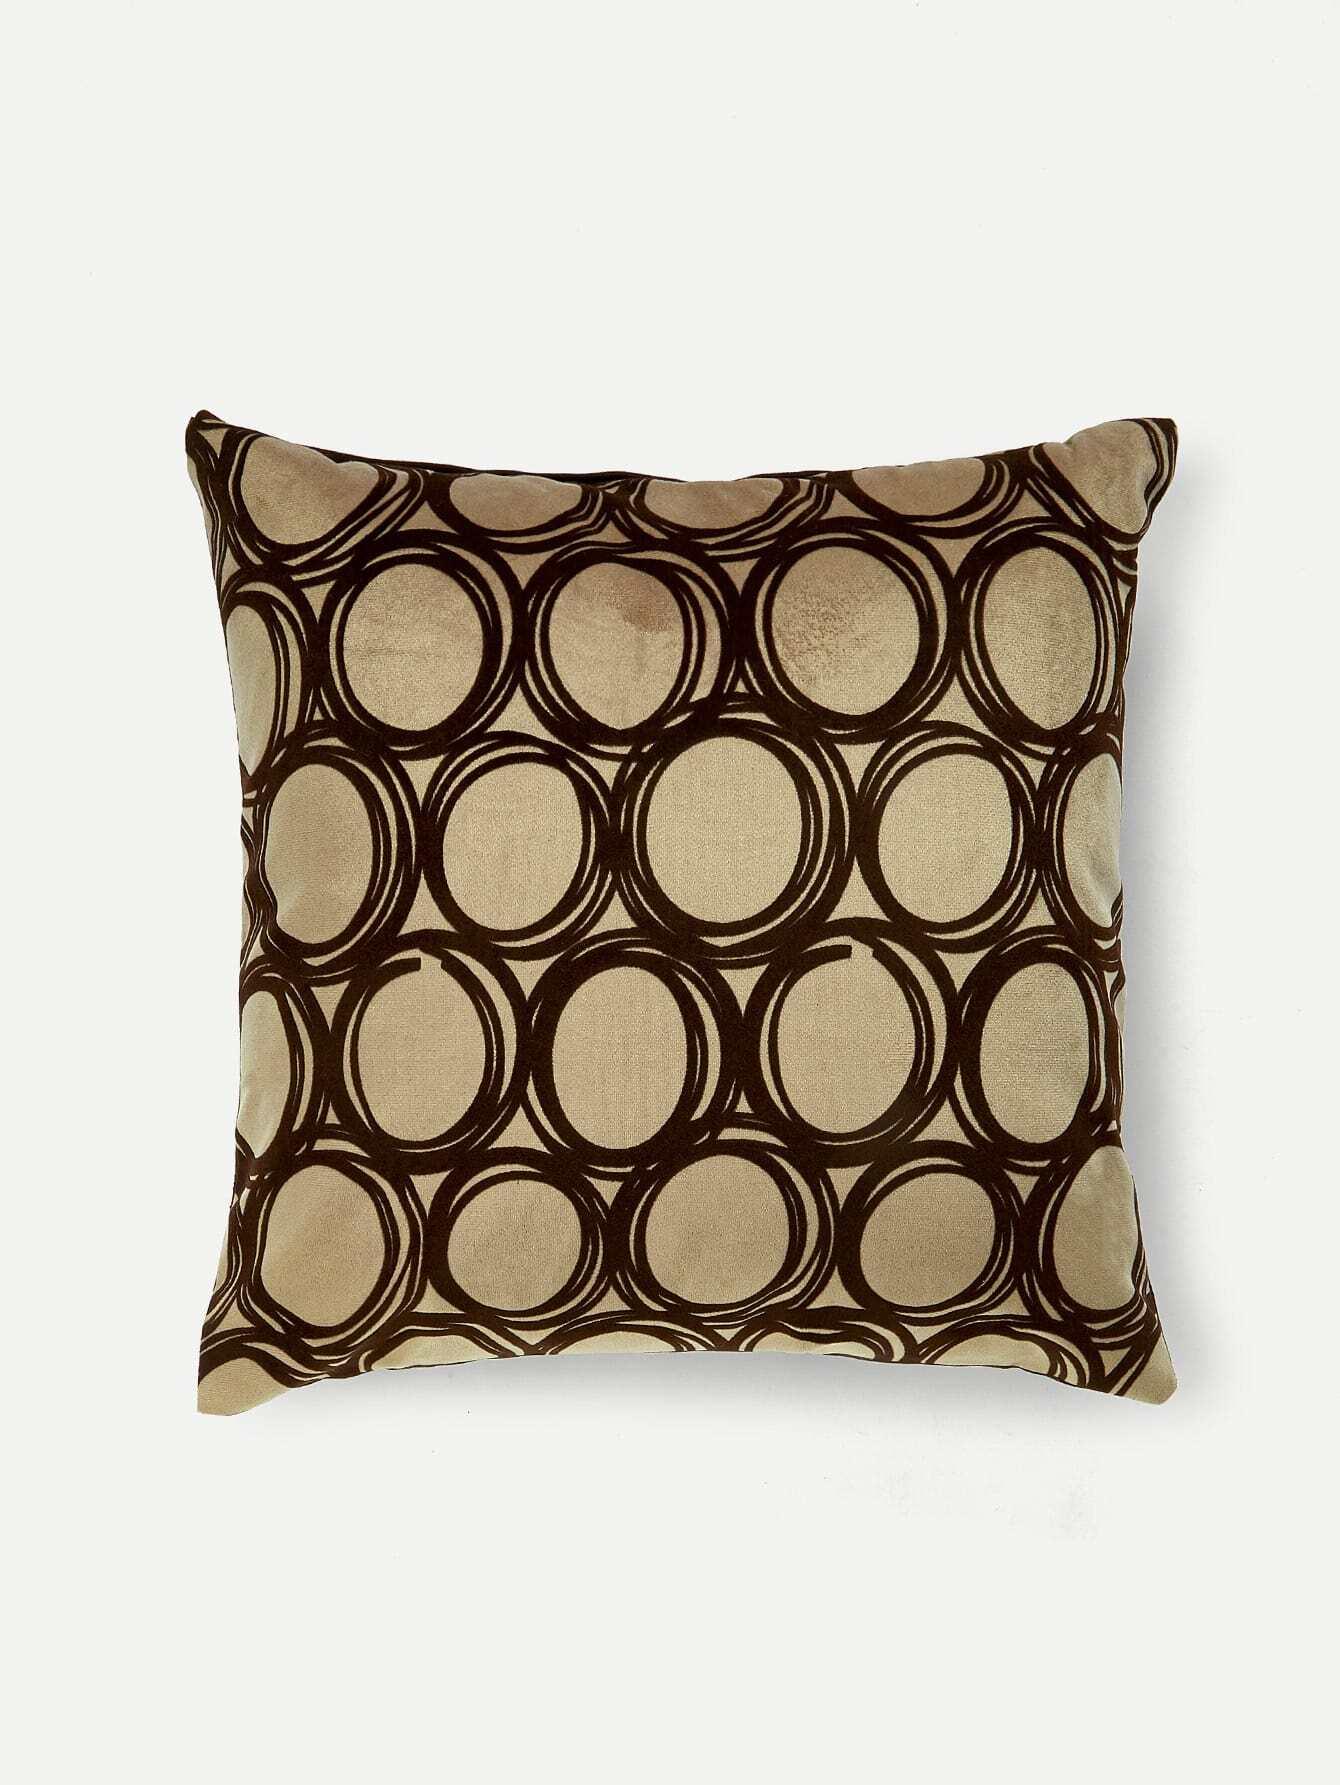 Geometric Print Pillow Case